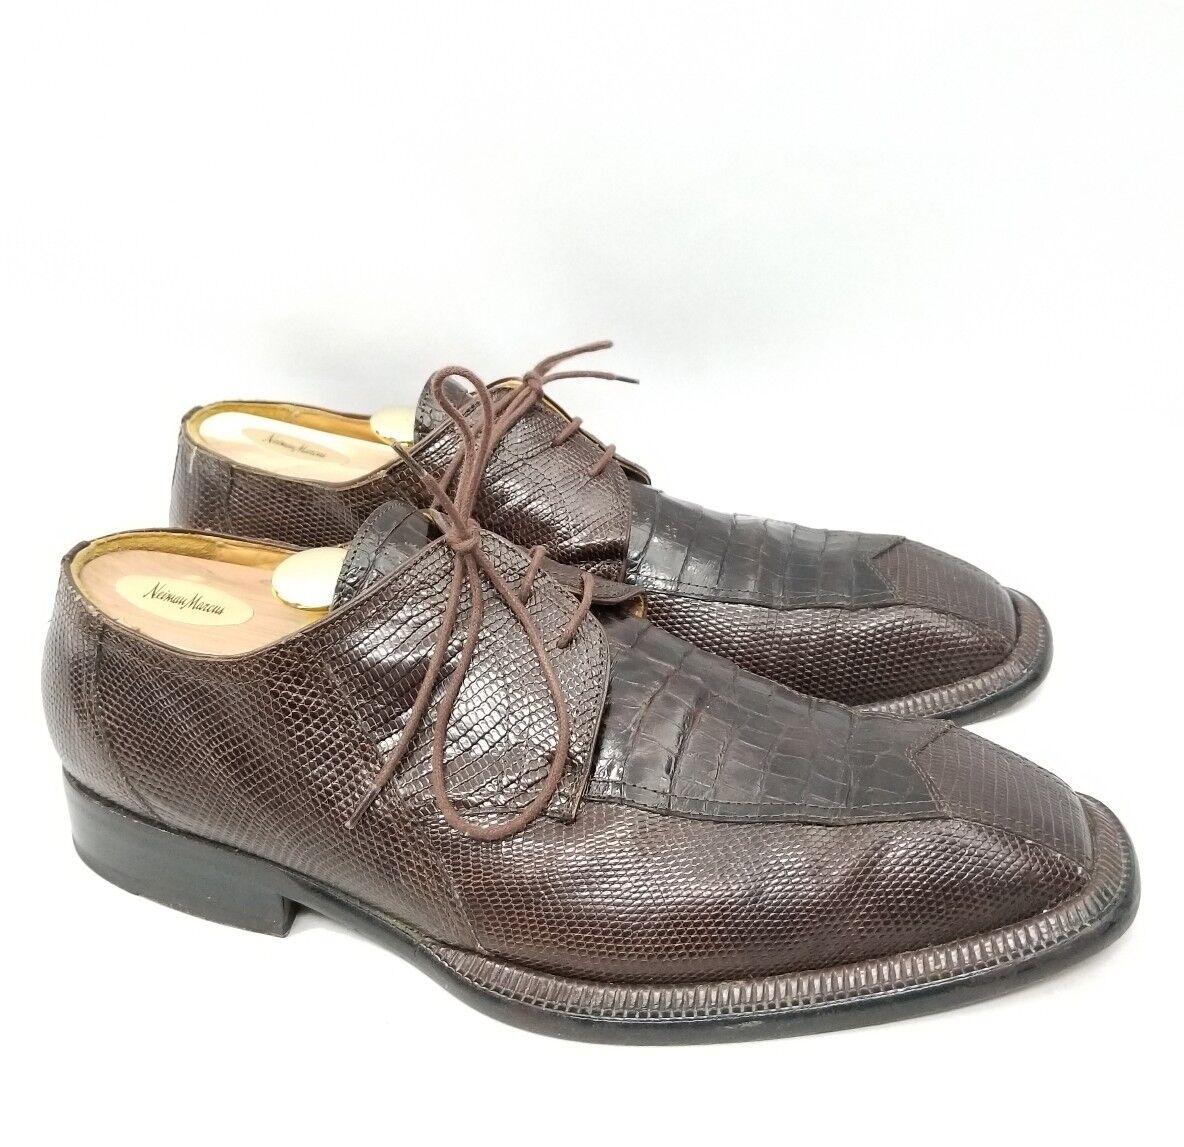 Zapatos de vestir David Eden Genuino Cocodrilo/Lagarto Para Para Cocodrilo/Lagarto hombres con encaje d577f4